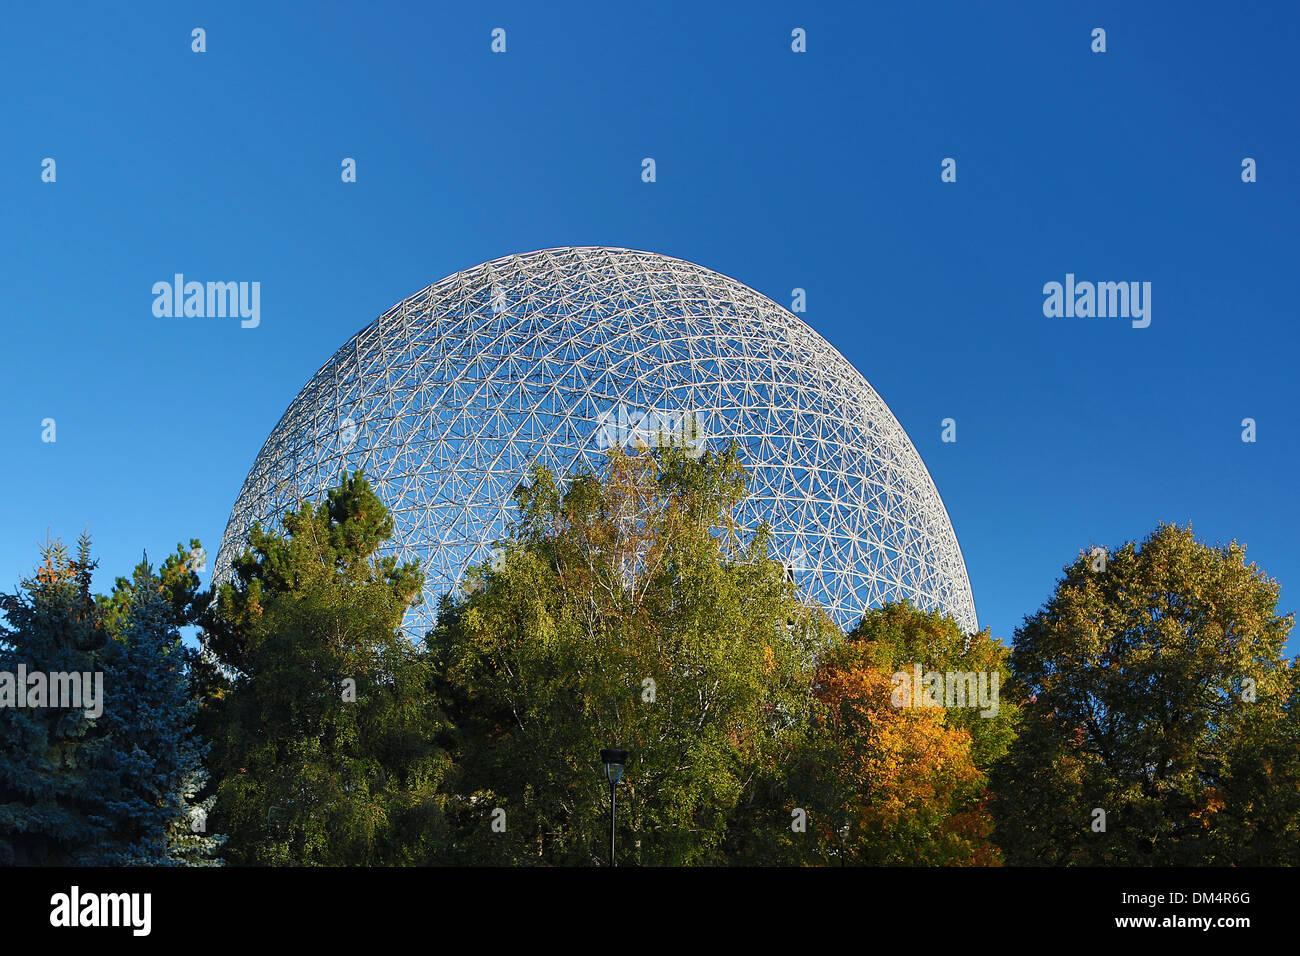 Biosfera, Canadá, Norteamérica, el medio ambiente, la ciudad de Montreal, Quebec, la arquitectura, la ciudad, el museo, los viajes, la biosfera, redondo Imagen De Stock